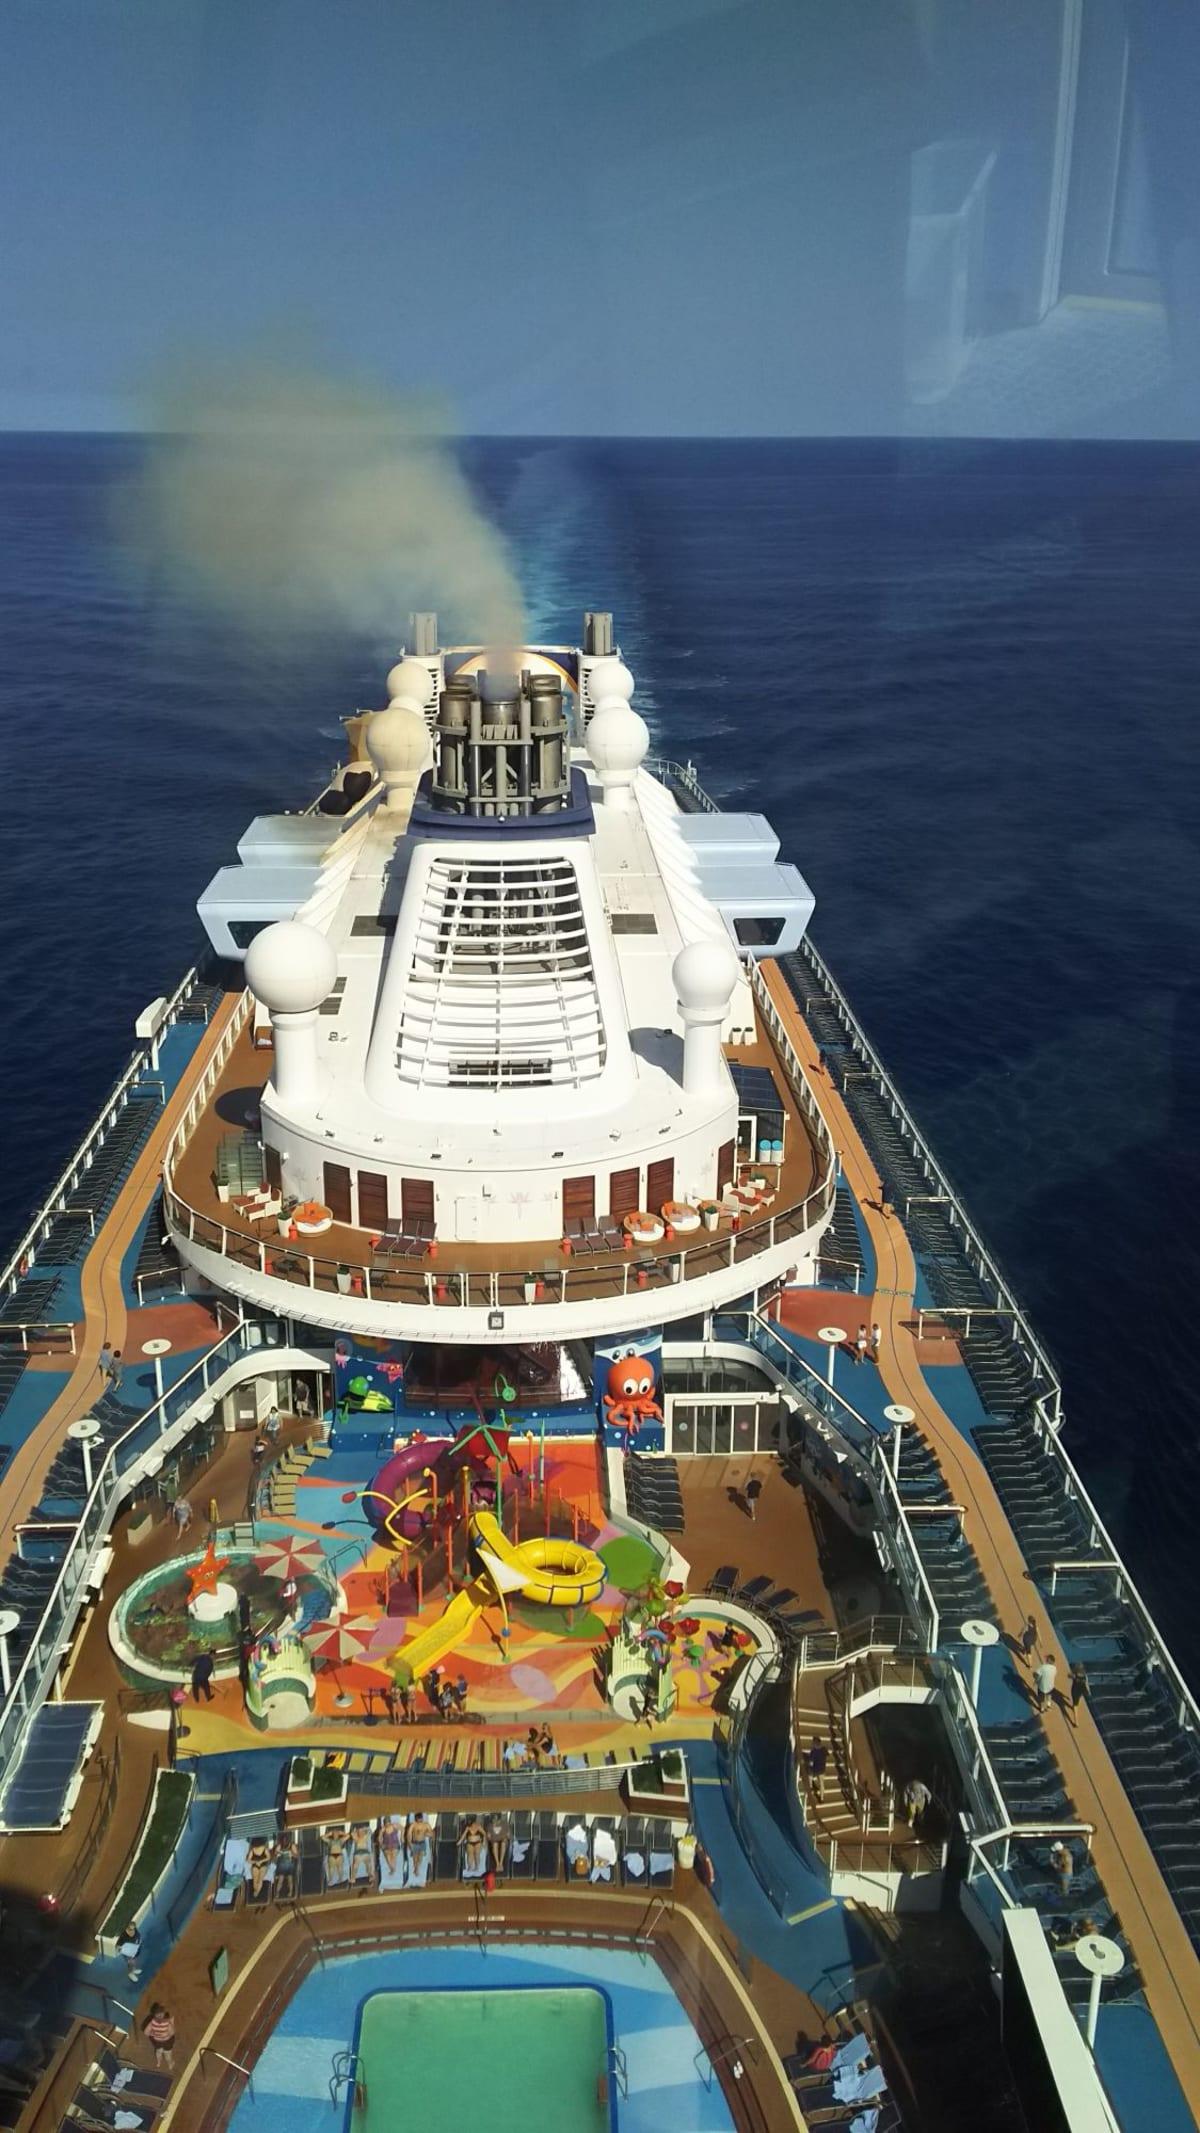 NorthStarから見下ろしたOvation of The Seas。大きかった! | 客船オベーション・オブ・ザ・シーズの外観、アクティビティ、船内施設